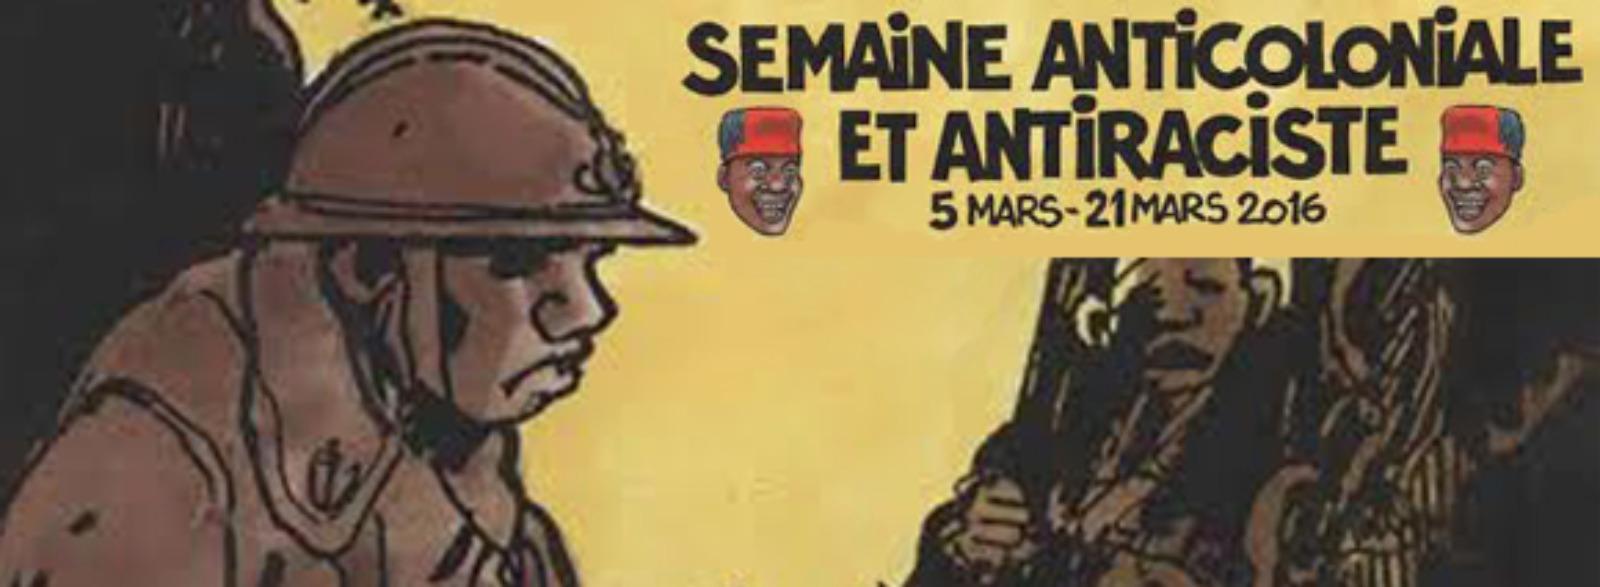 Politis à la Bellevilloise pour la semaine anticoloniale et antiraciste